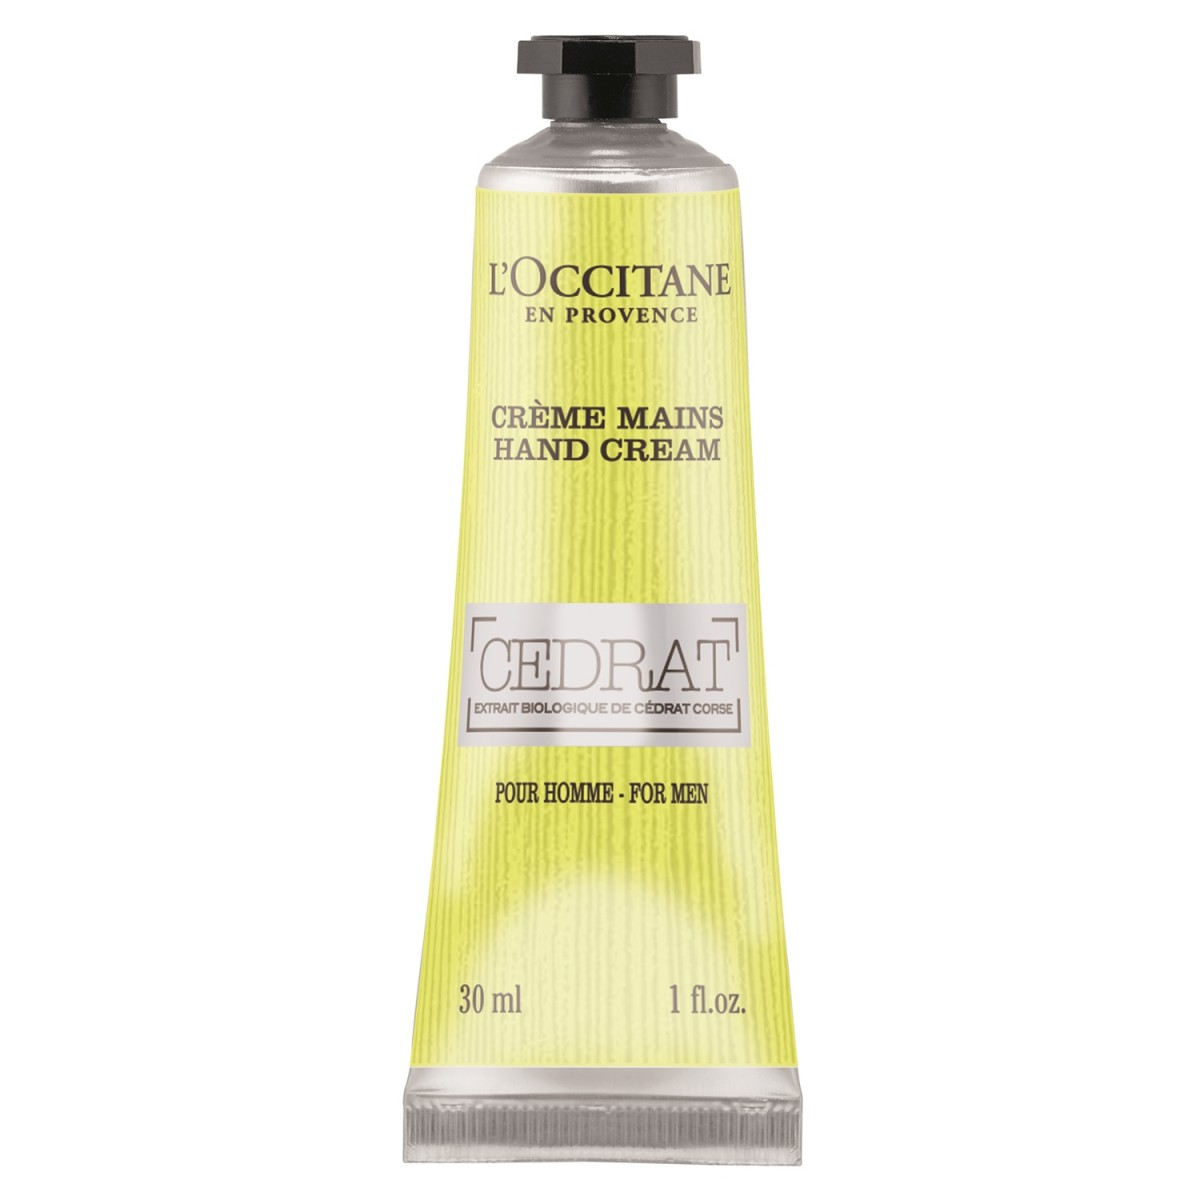 ロクシタン(L'OCCITANE) ロクシタンジャポン セドラ ハンドクリーム